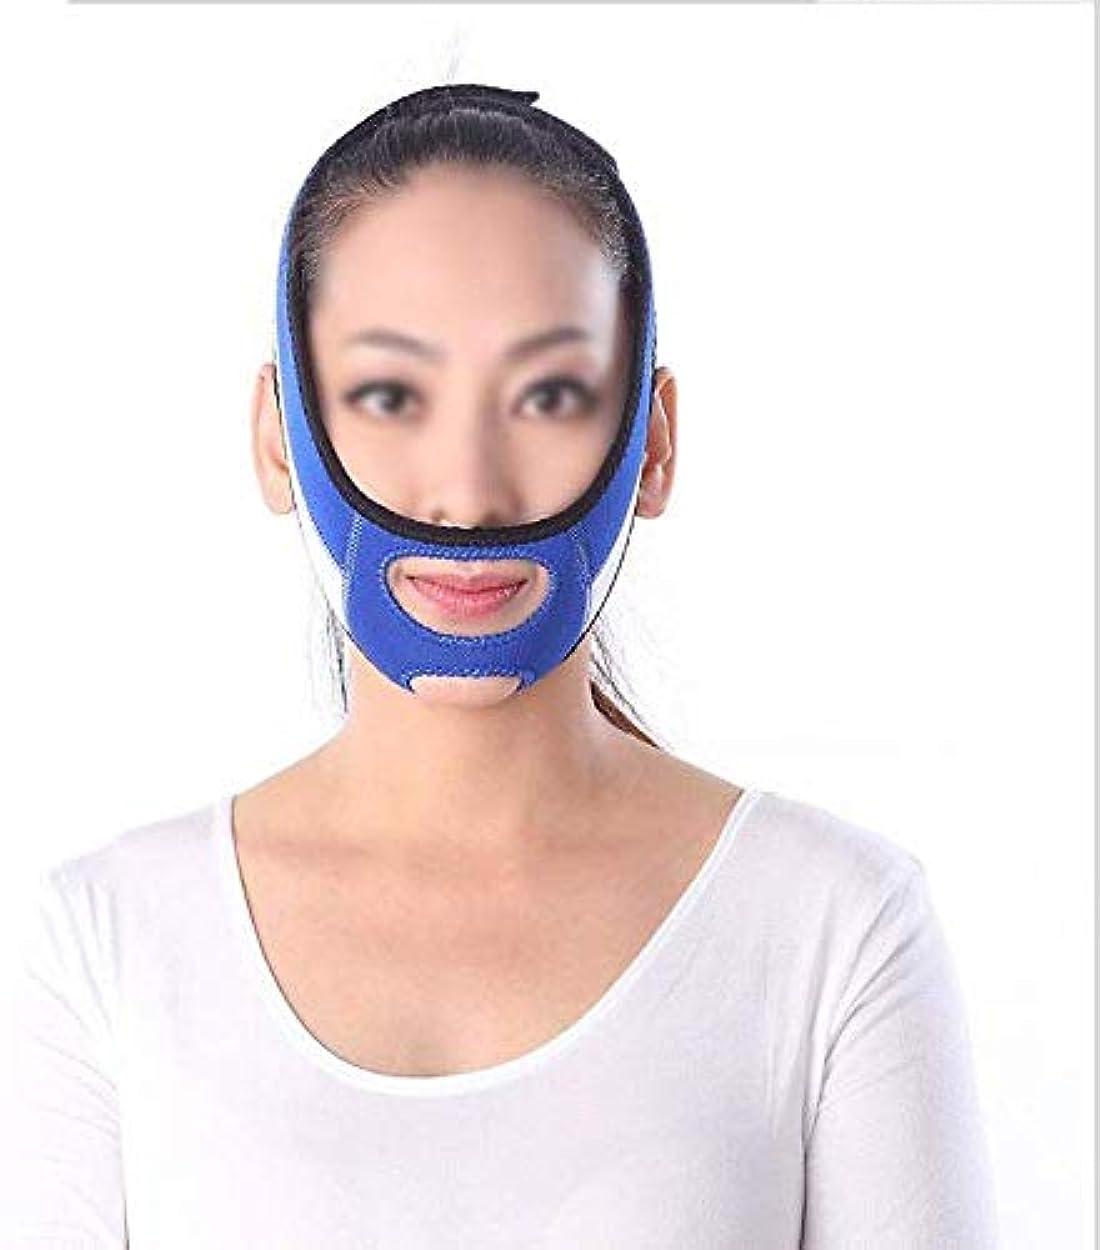 ウッズ移住する異なる美容と実用的なフェイスリフティングマスク、リフティングローパターン包帯ラインカービングリペアツールフェイスリフティングアーティファクトファーミングスキンスモールVフェイスバンド